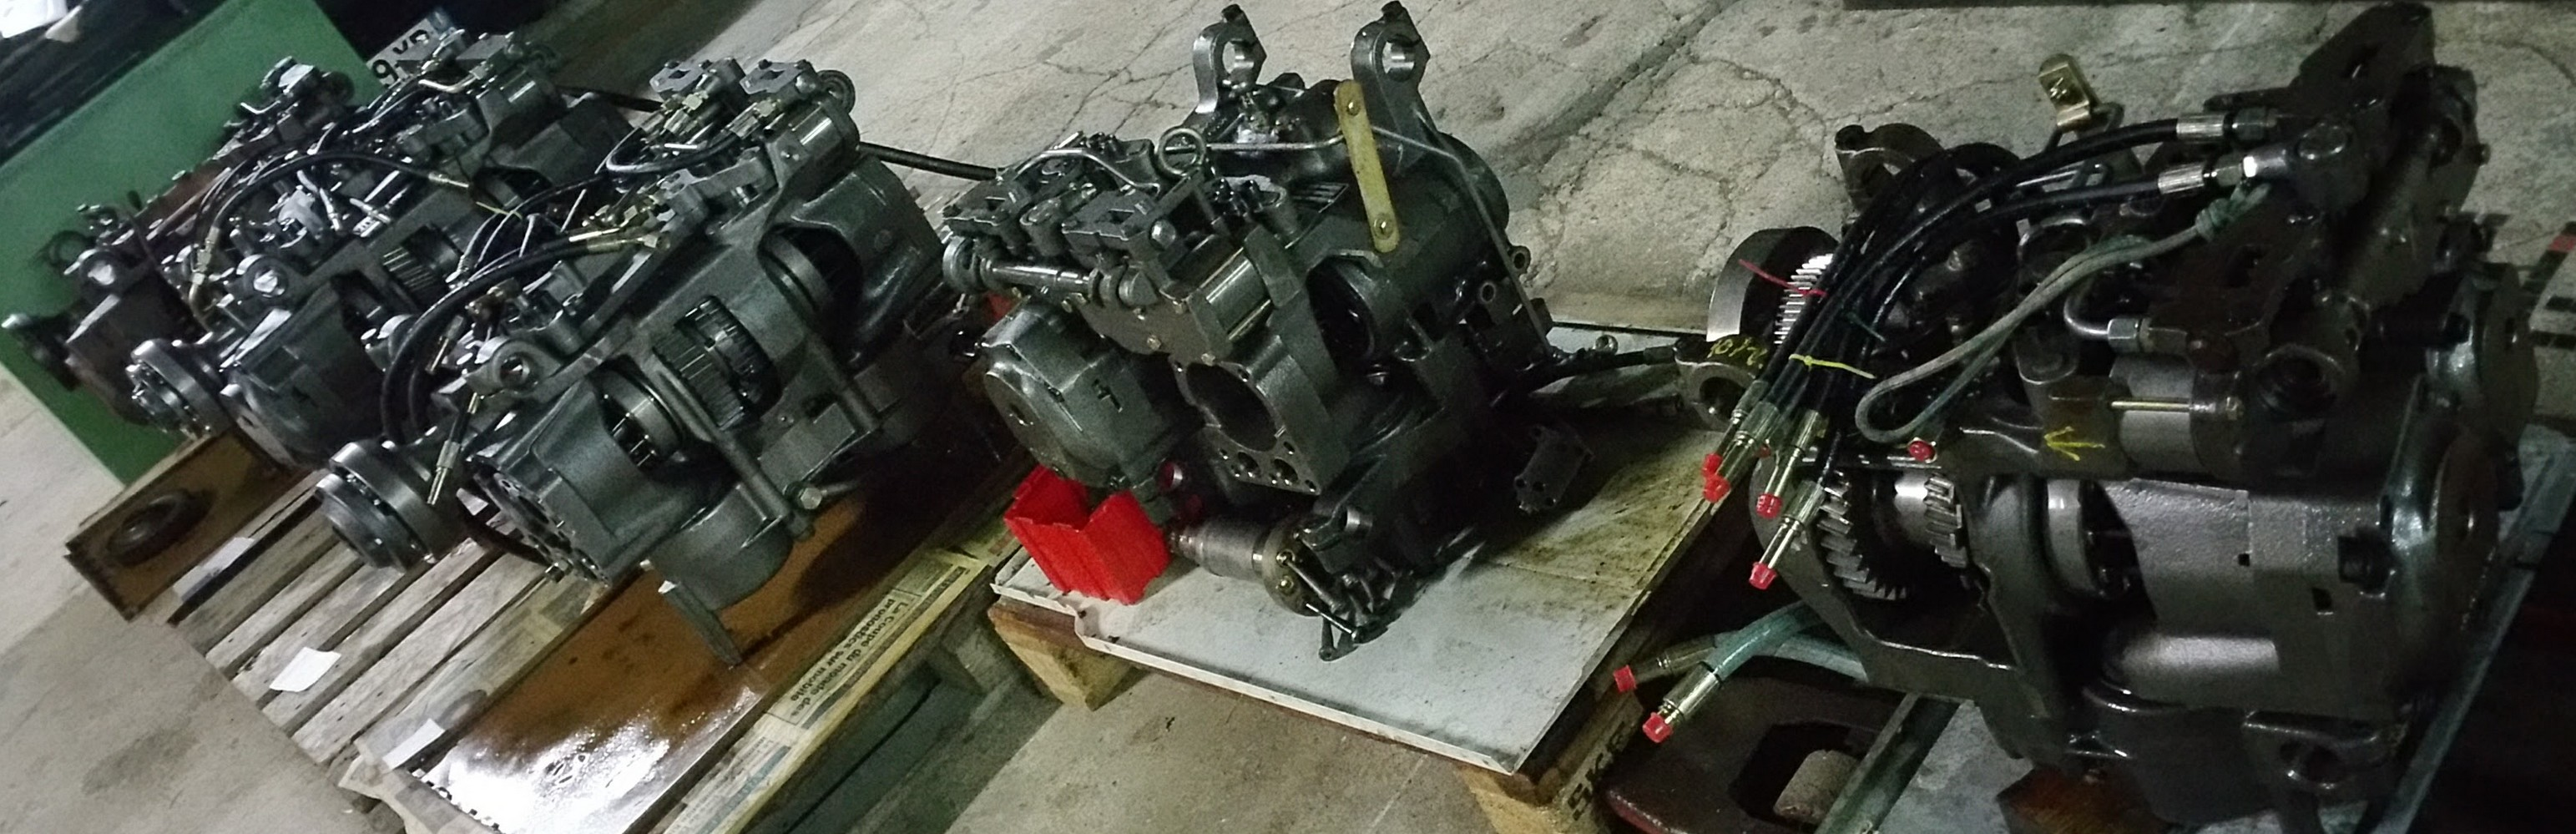 Massey Ferguson Vario gearbox Hydraulic Module Dyna VT